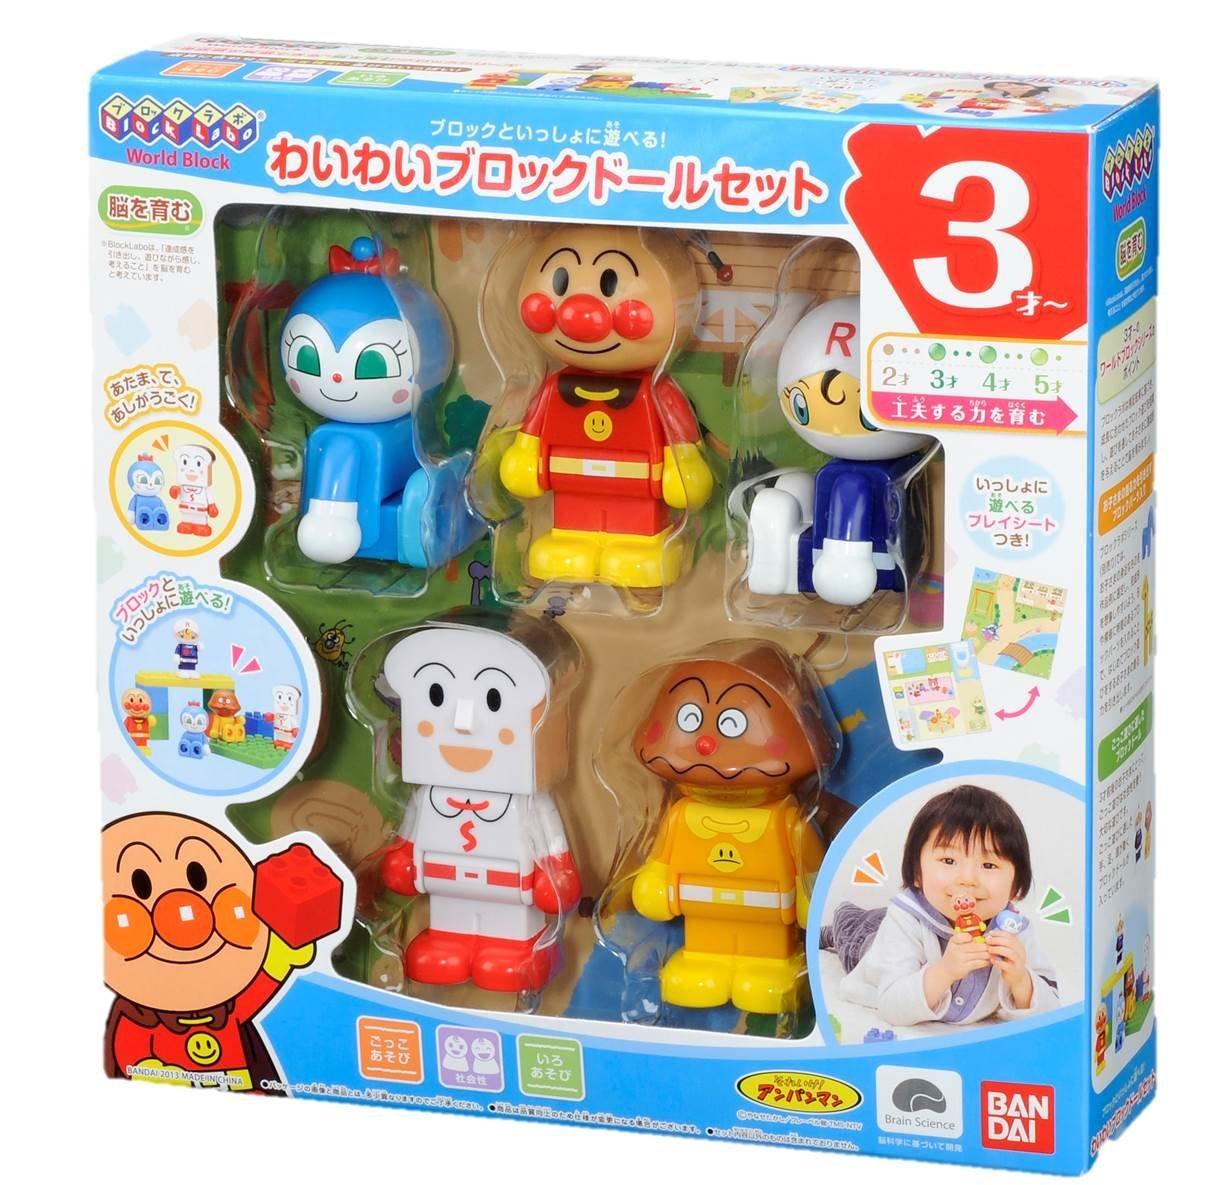 **雙子俏媽咪親子館**  [日本]  麵包超人 Anpanman可愛人偶公仔積木  (現貨)